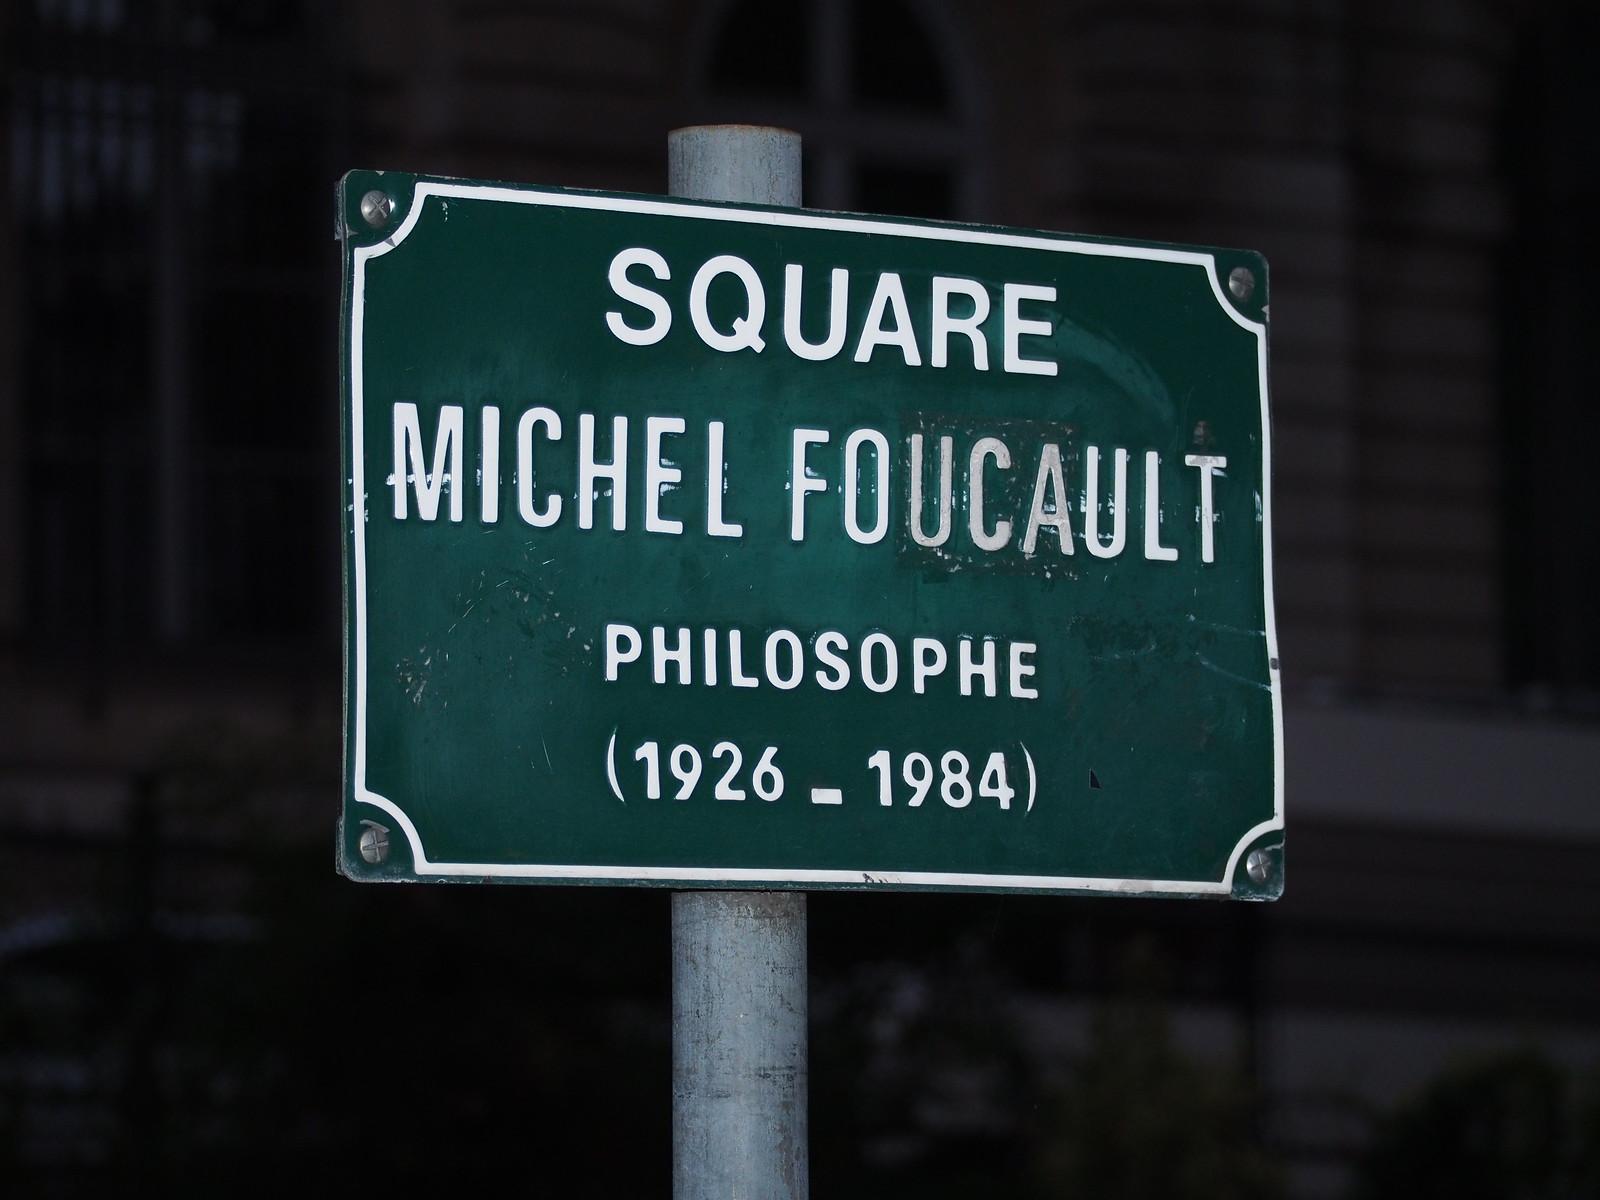 Paris: Square Michel Foucault